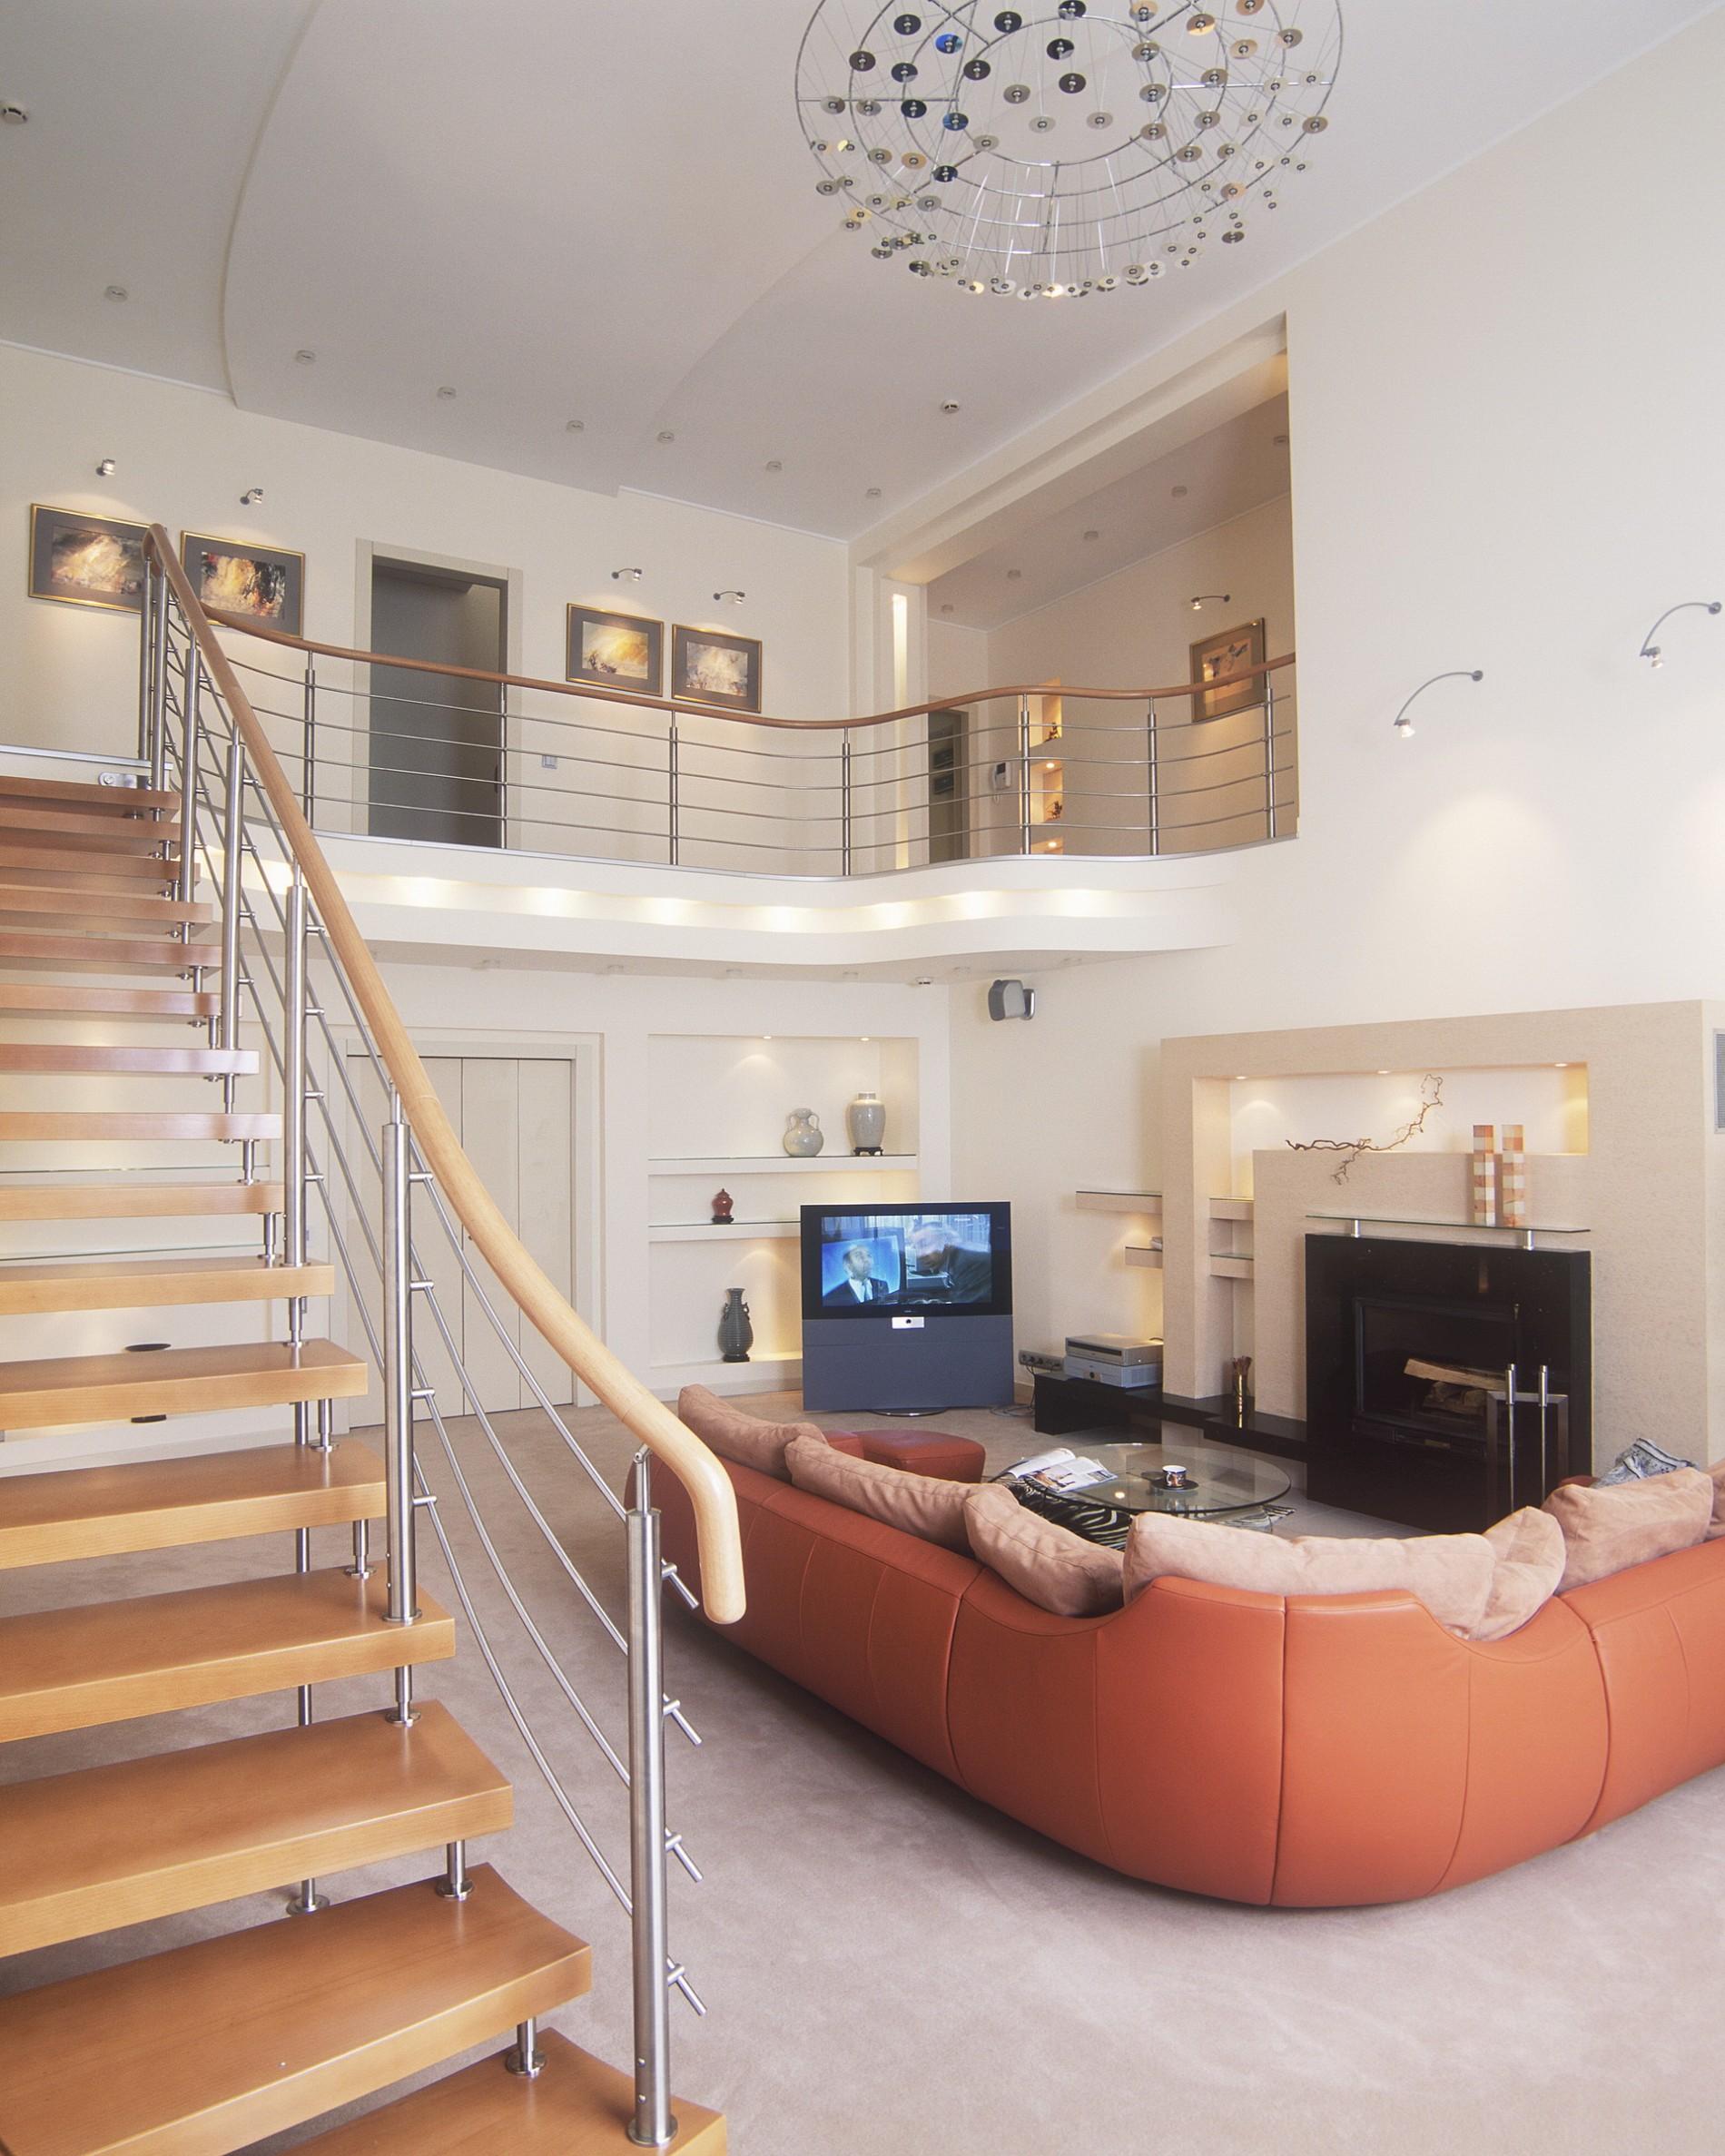 Интерьер загородного дома в современном стиле с угловым диваном